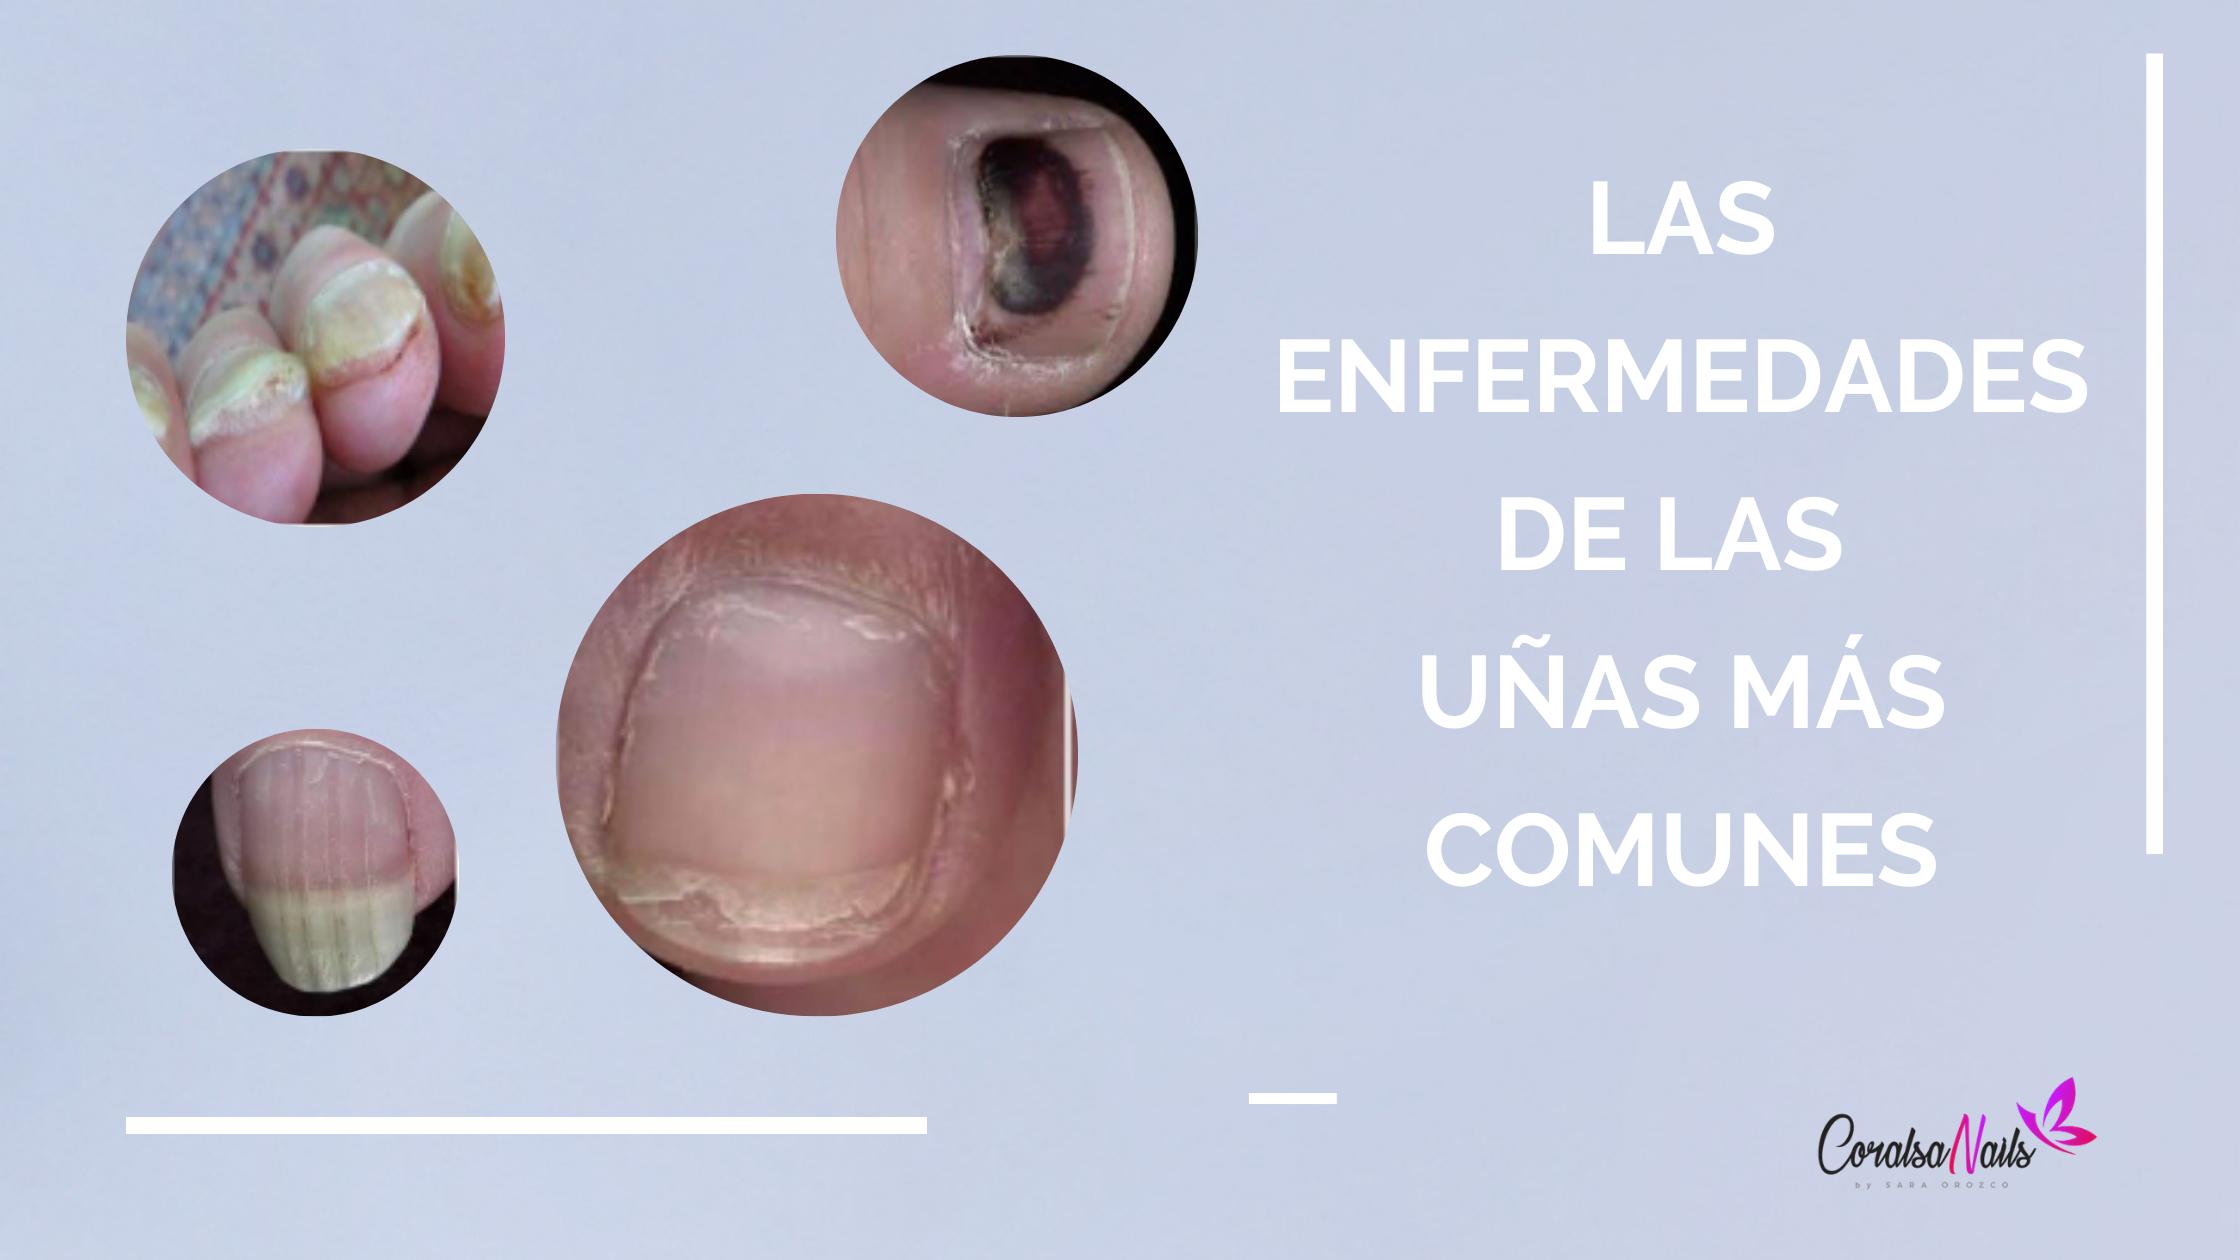 Las Enfermedades de las uñas más comunes